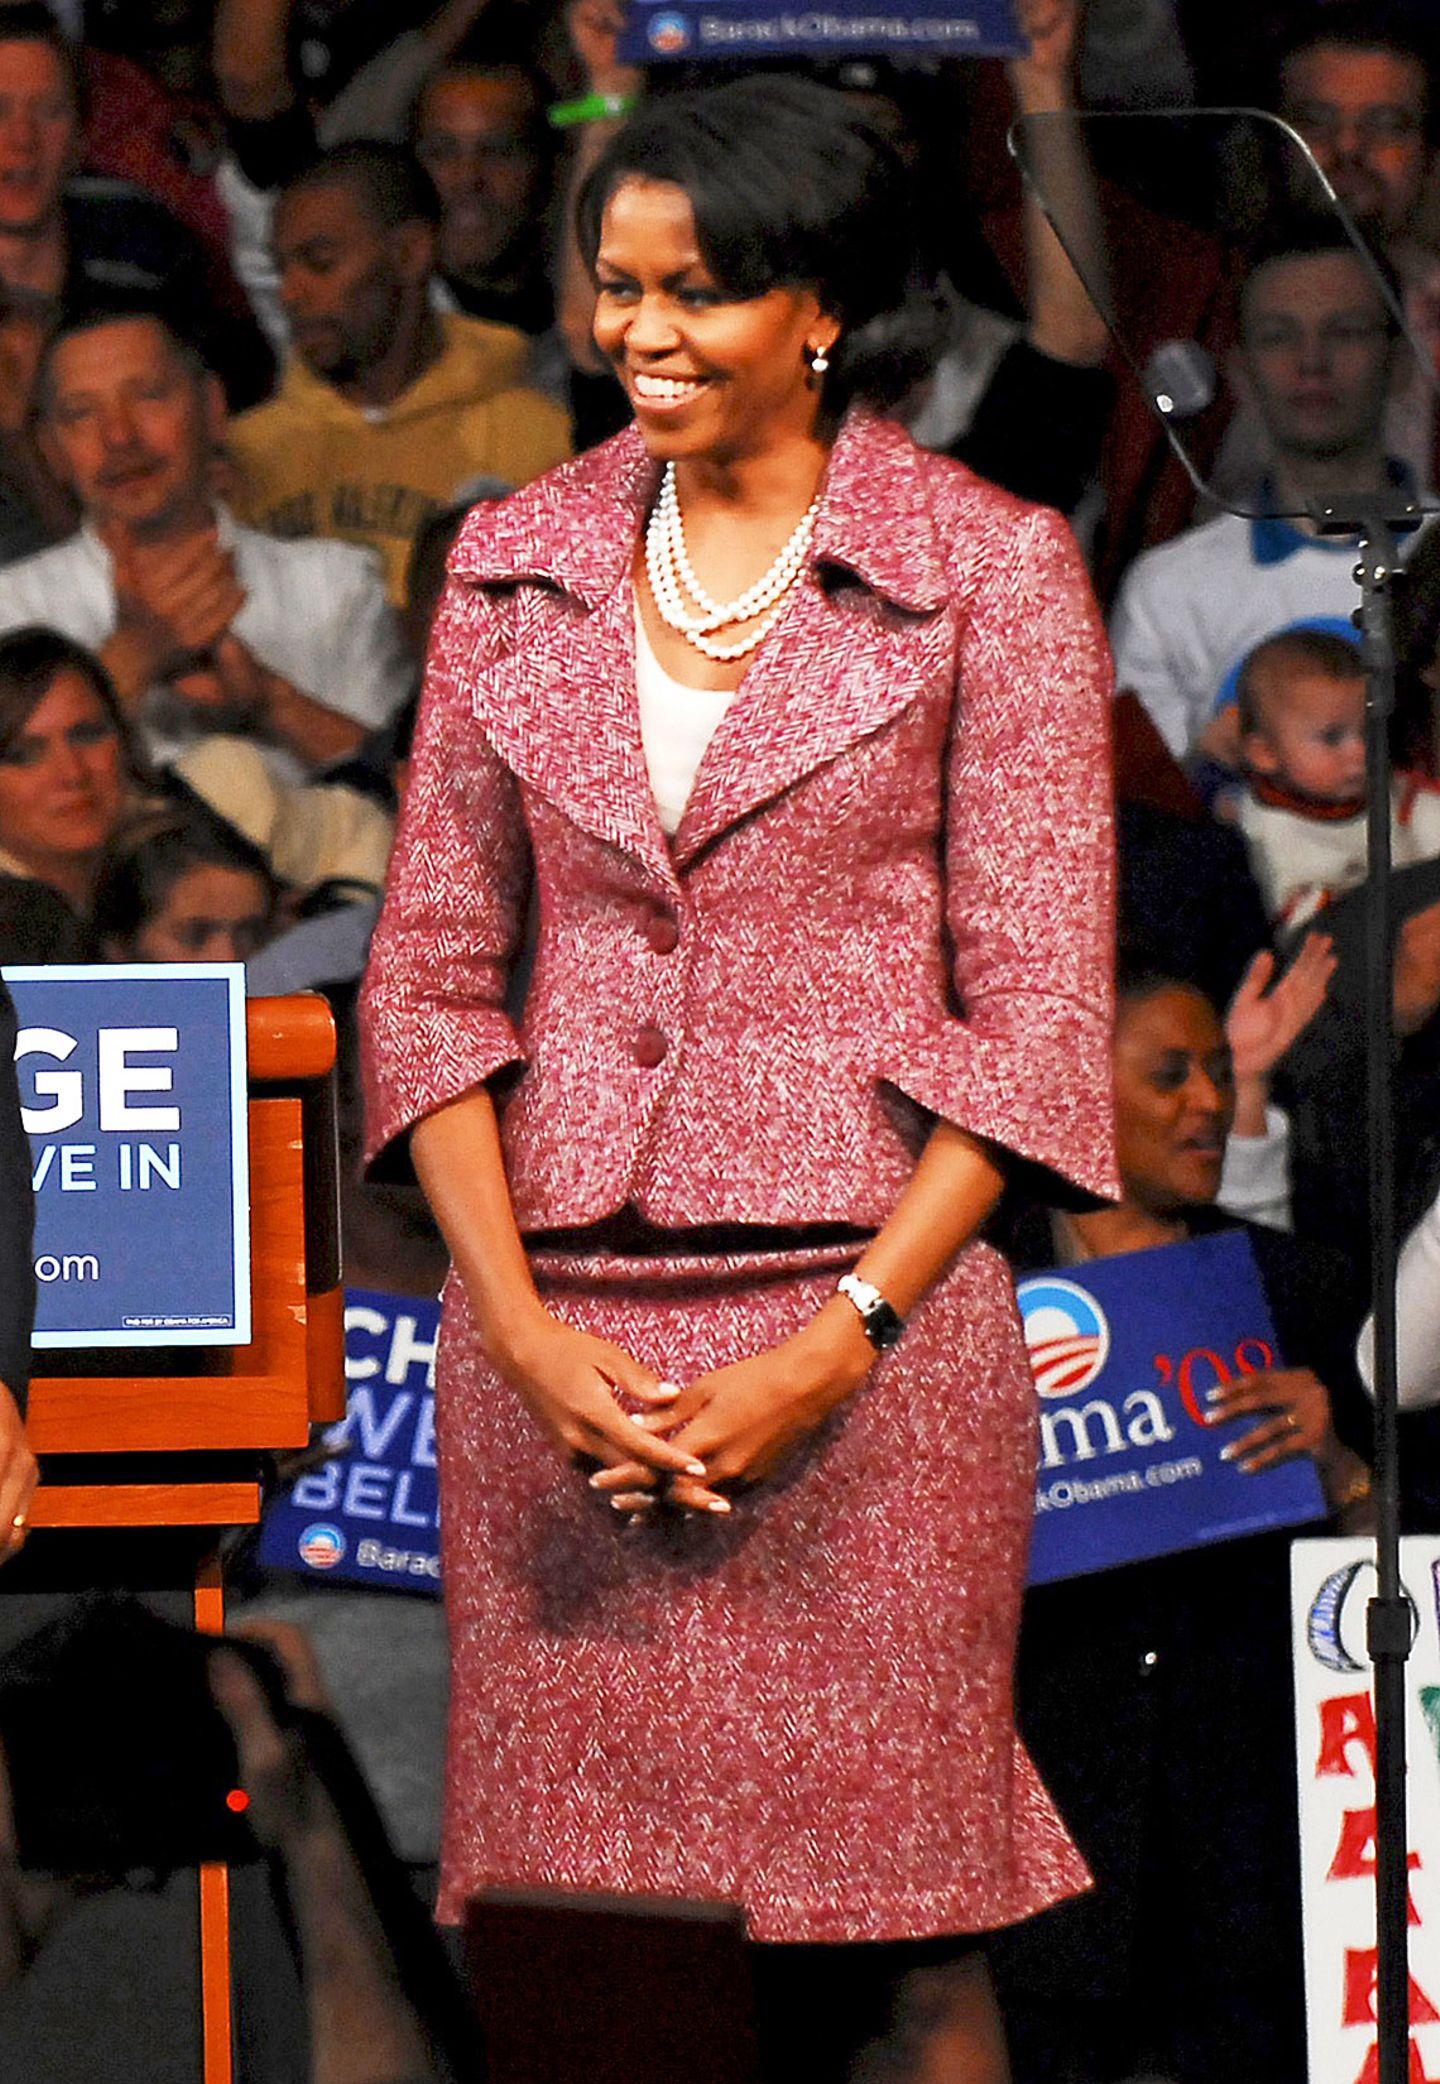 Während des Wahlkampfes 2008 erinnerte Michelle Obama mit ihren Outfits oft an den klassischen und zeitlos-schönen Style von Jackie Kennedy.